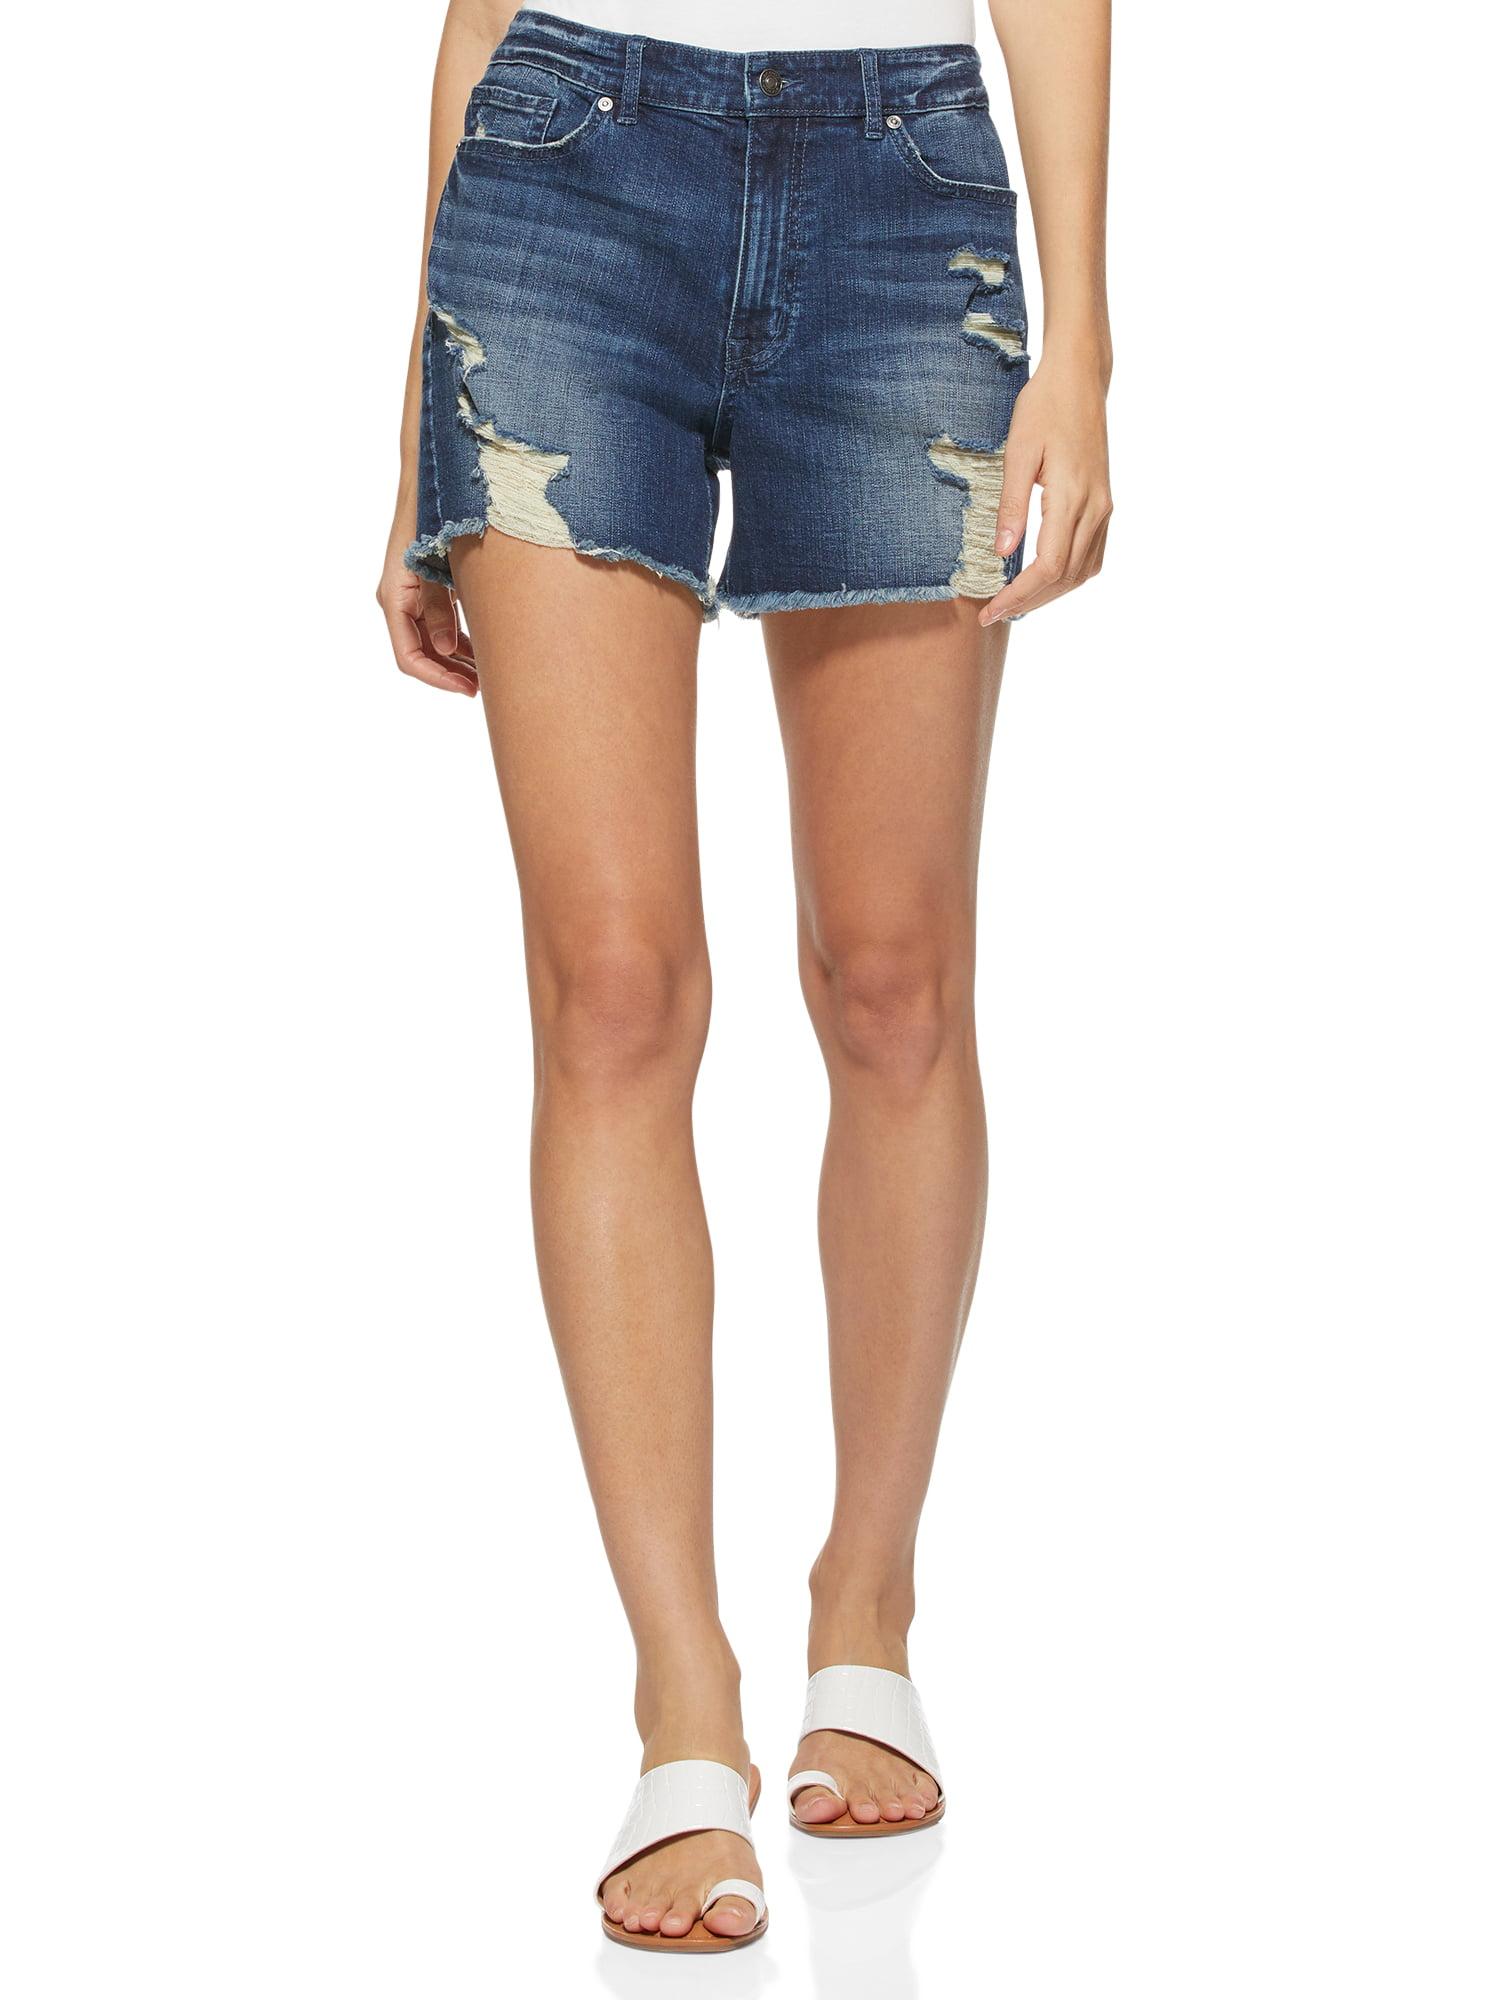 Scoop  Scoop Women's Boyfriend Shorts